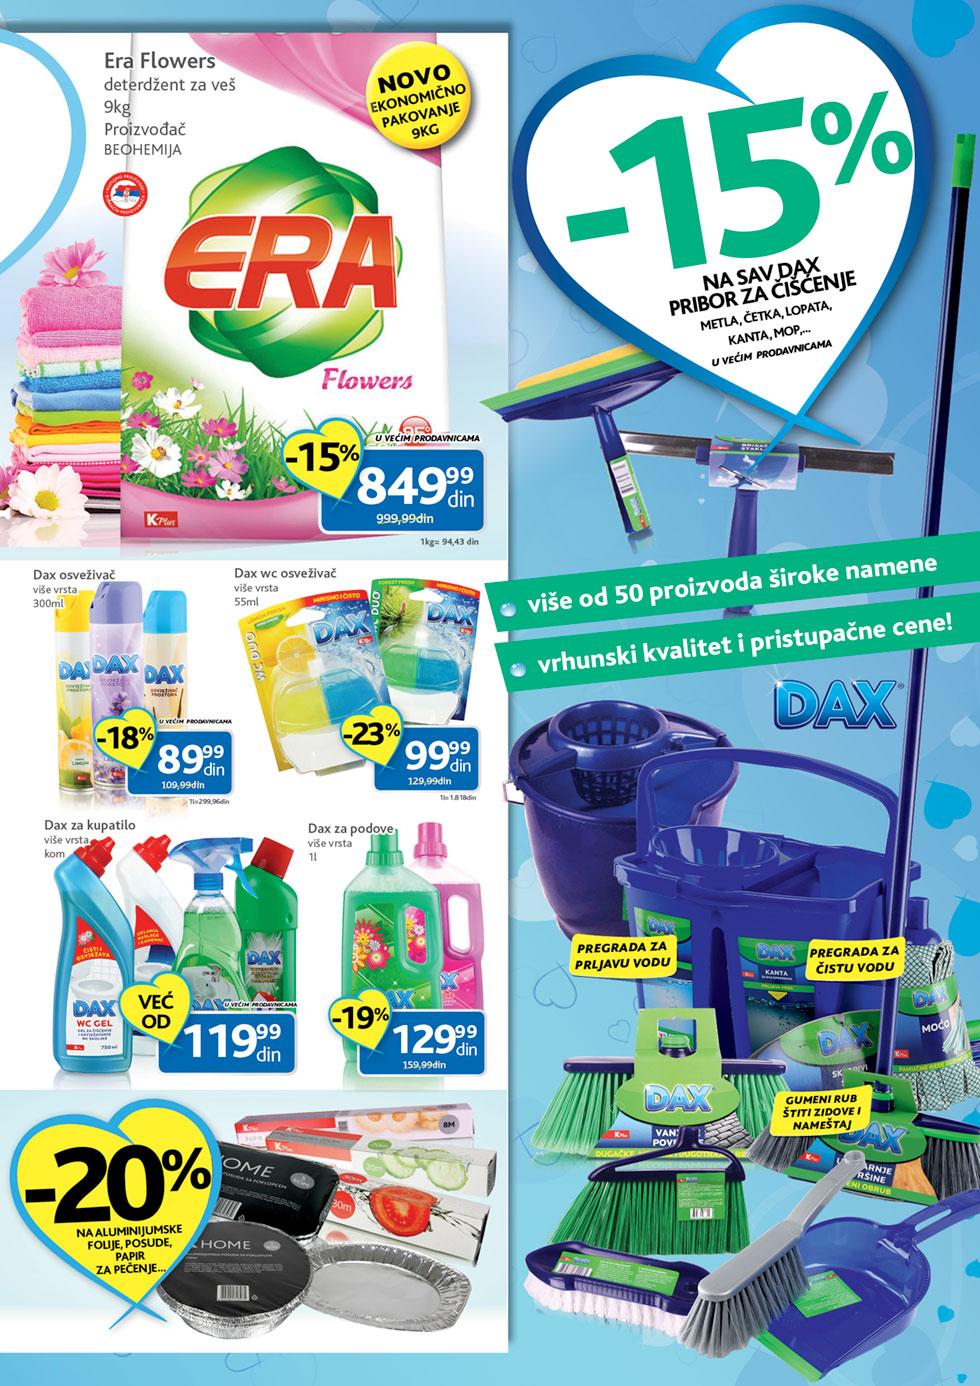 Idea katalog K plus proizvodi po odličnoj ceni